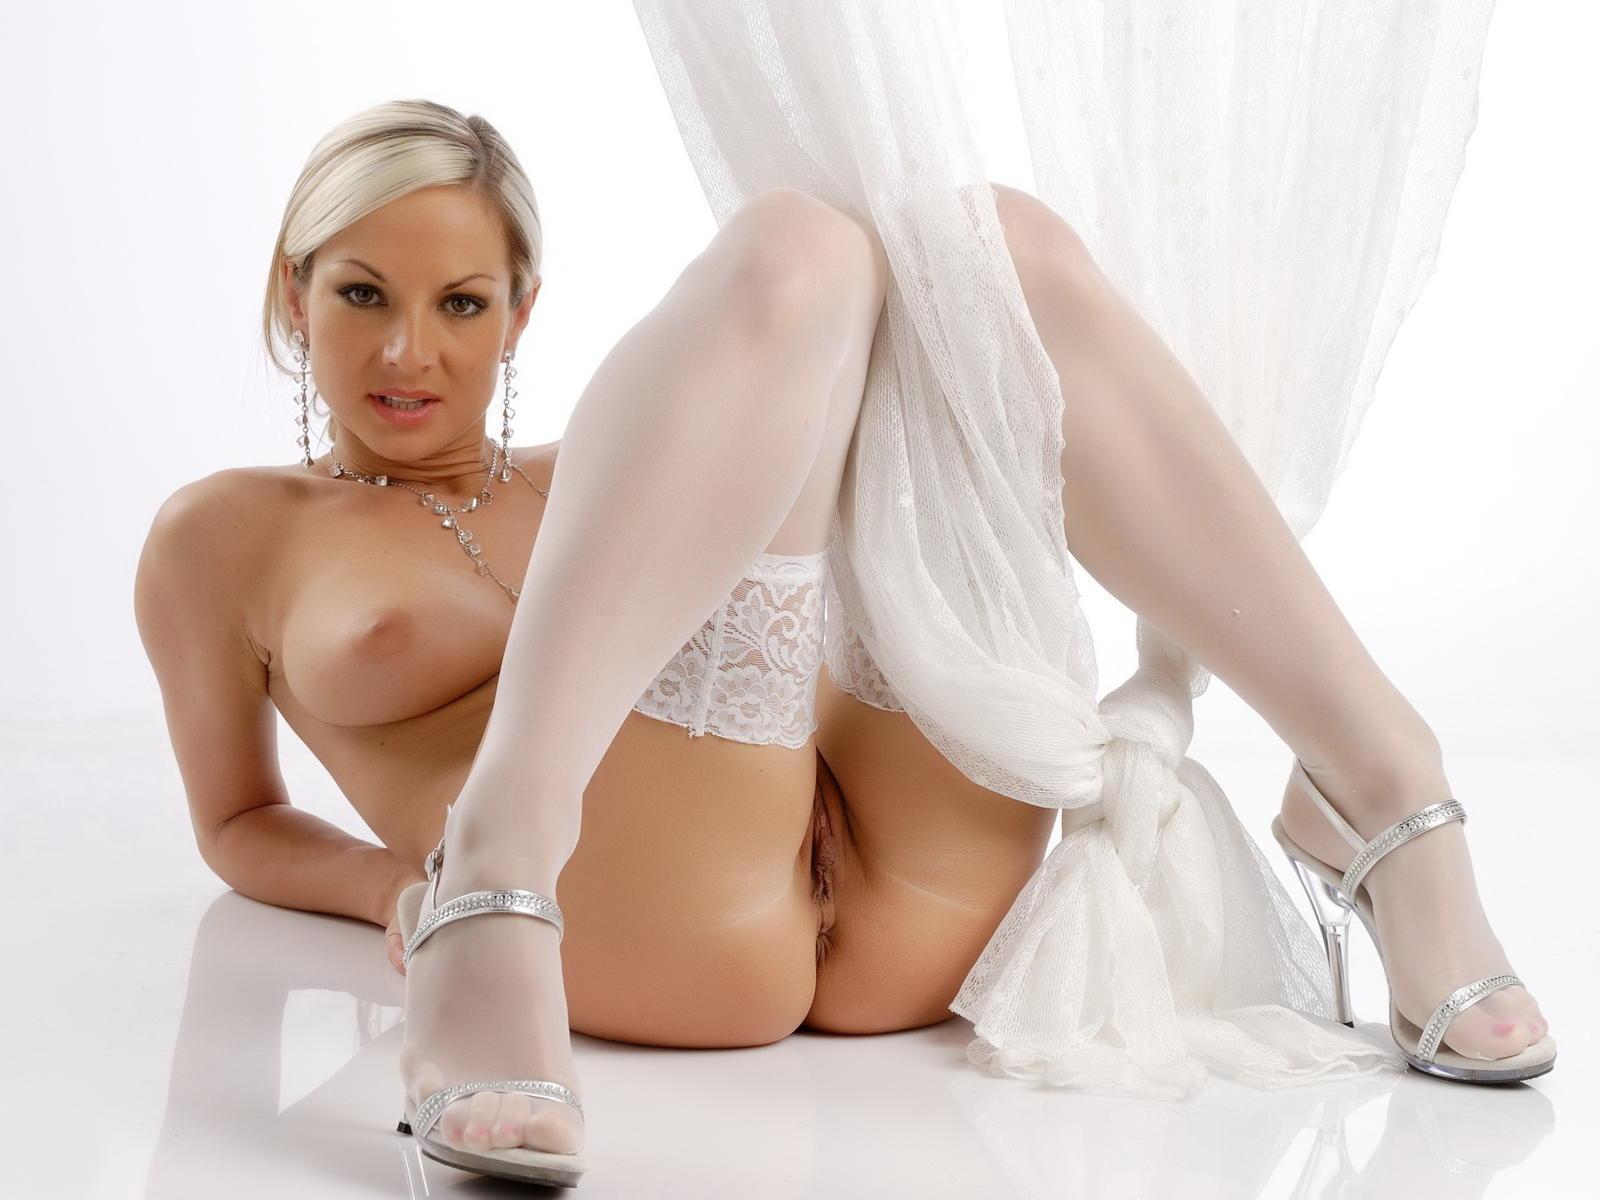 my girlfriend in panties nude